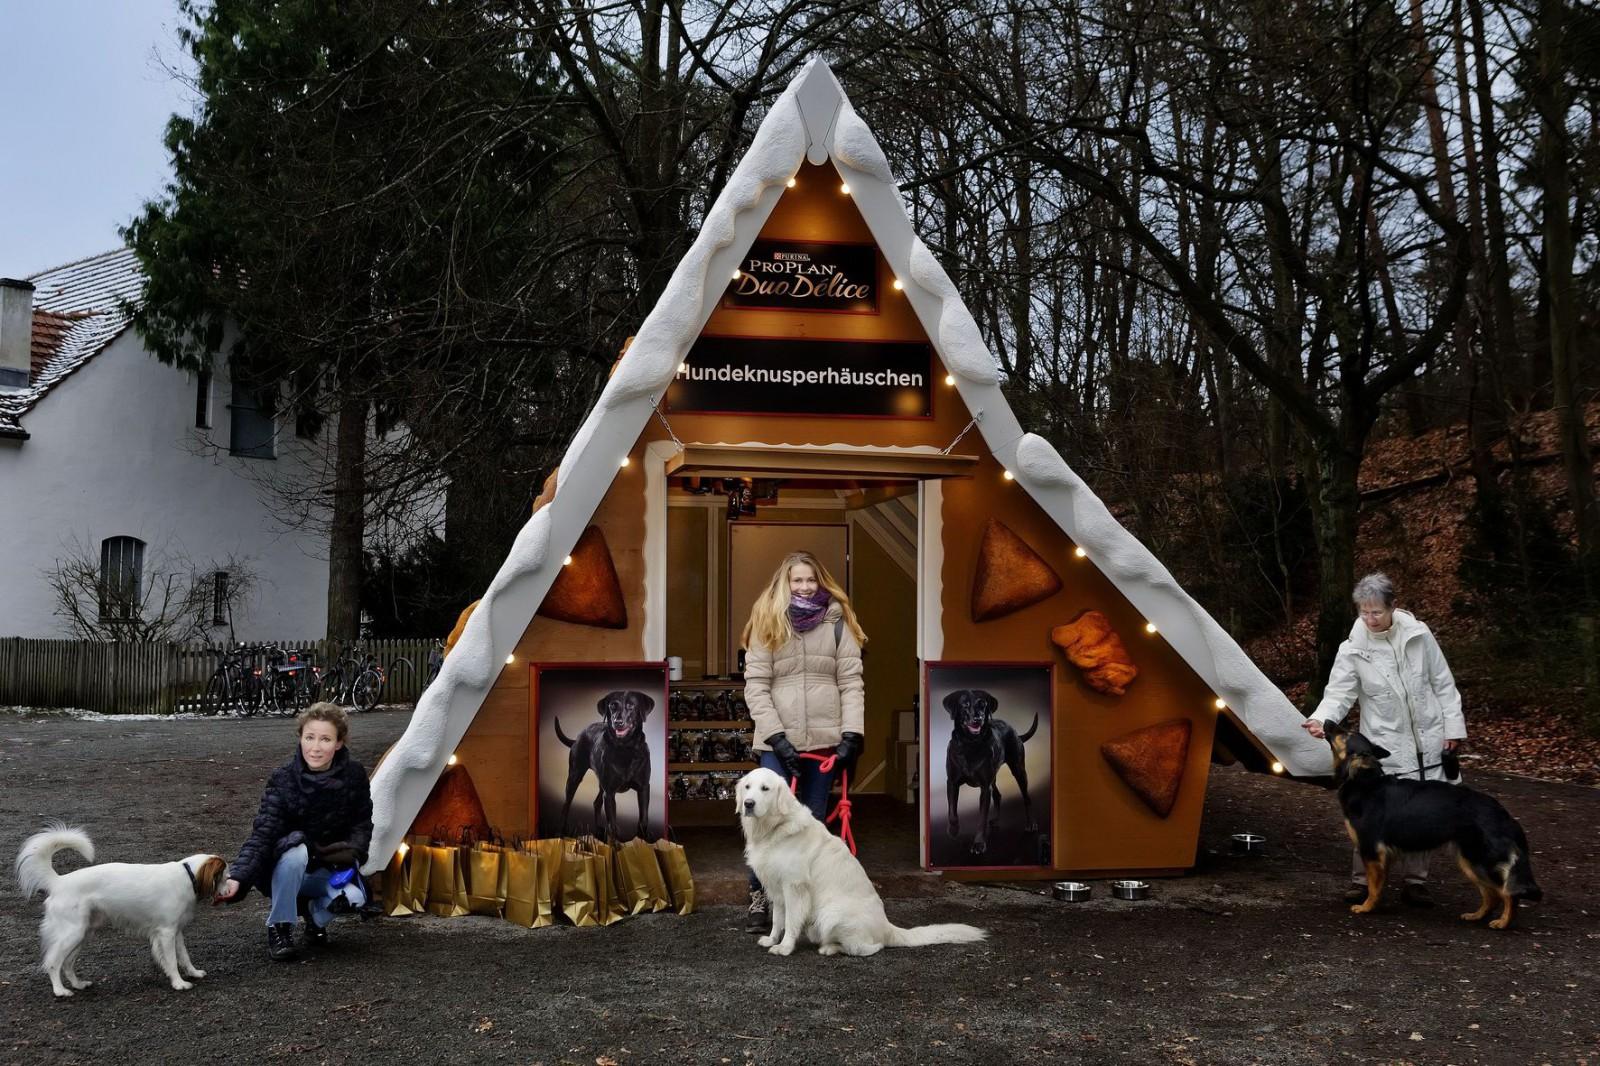 Überdimensionales Hundeknusperhäuschen Foto: Monique Wuestenhagen, PRO PLAN